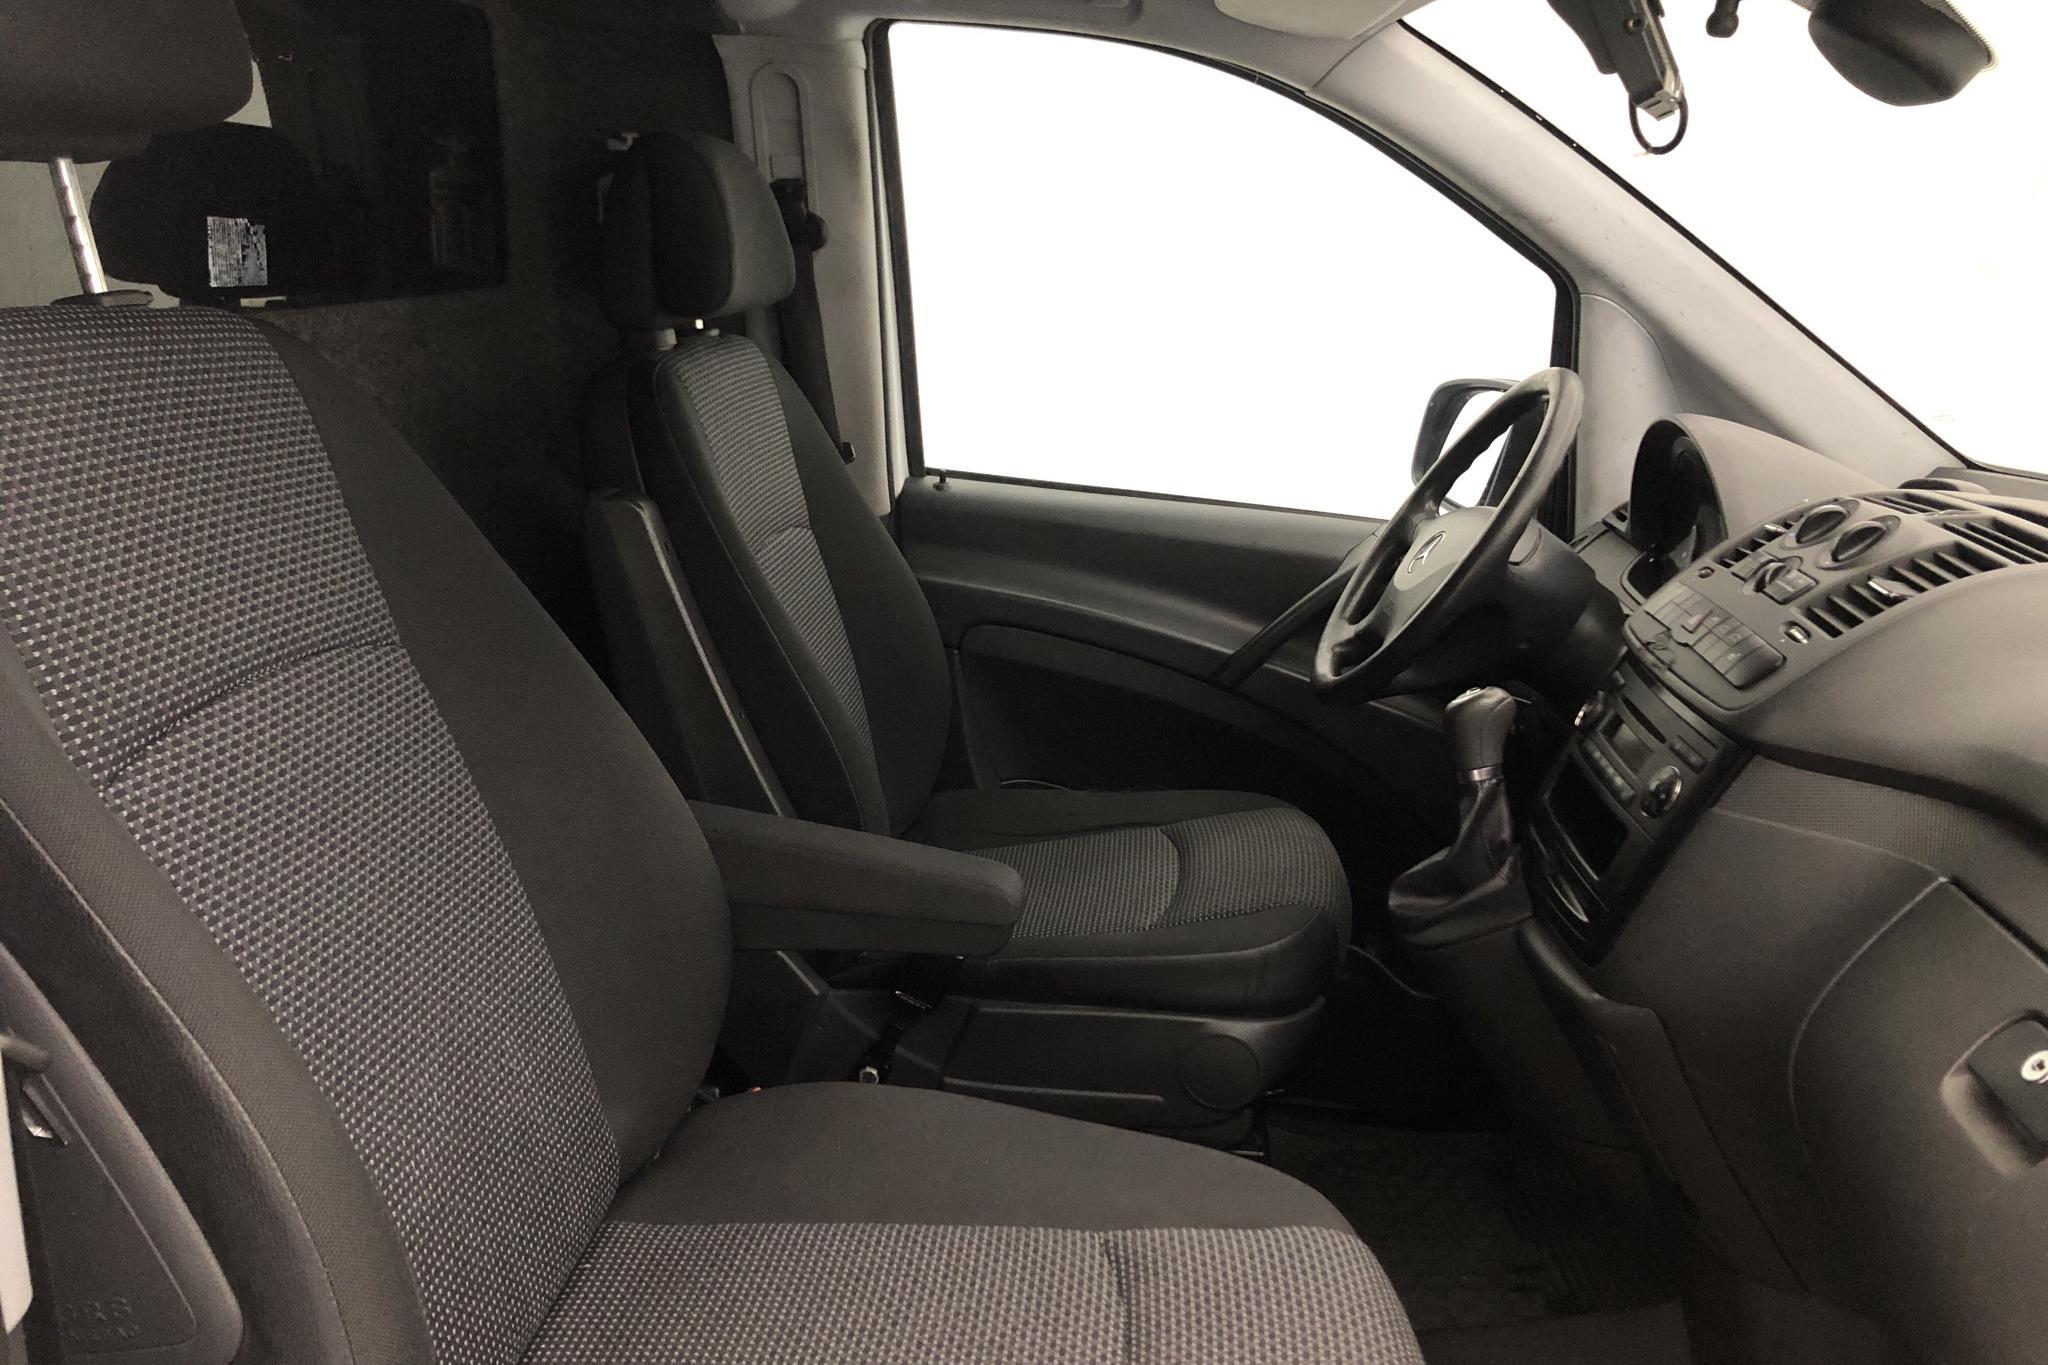 Mercedes Vito 116 CDI W639 (163hk) - 255 870 km - Automatic - white - 2014